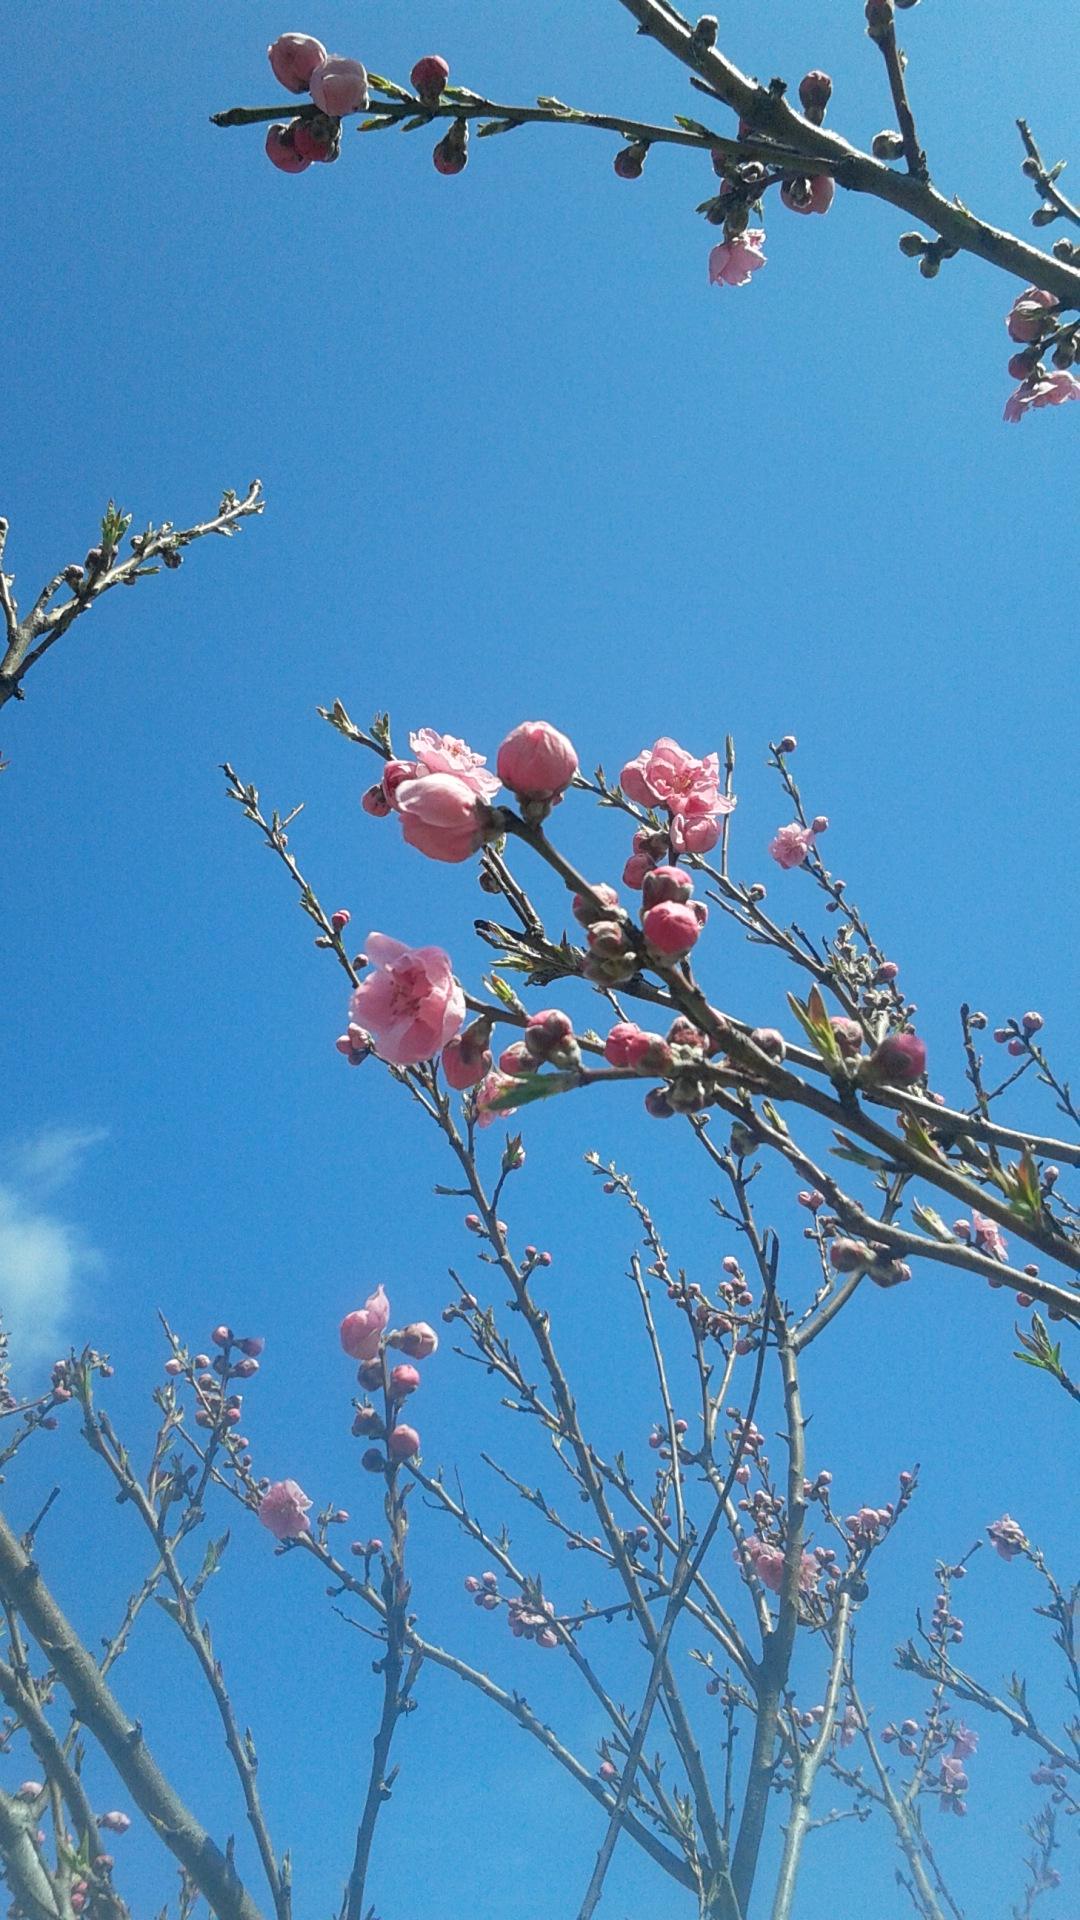 「梅はぁ〜、咲いたがぁ〜」